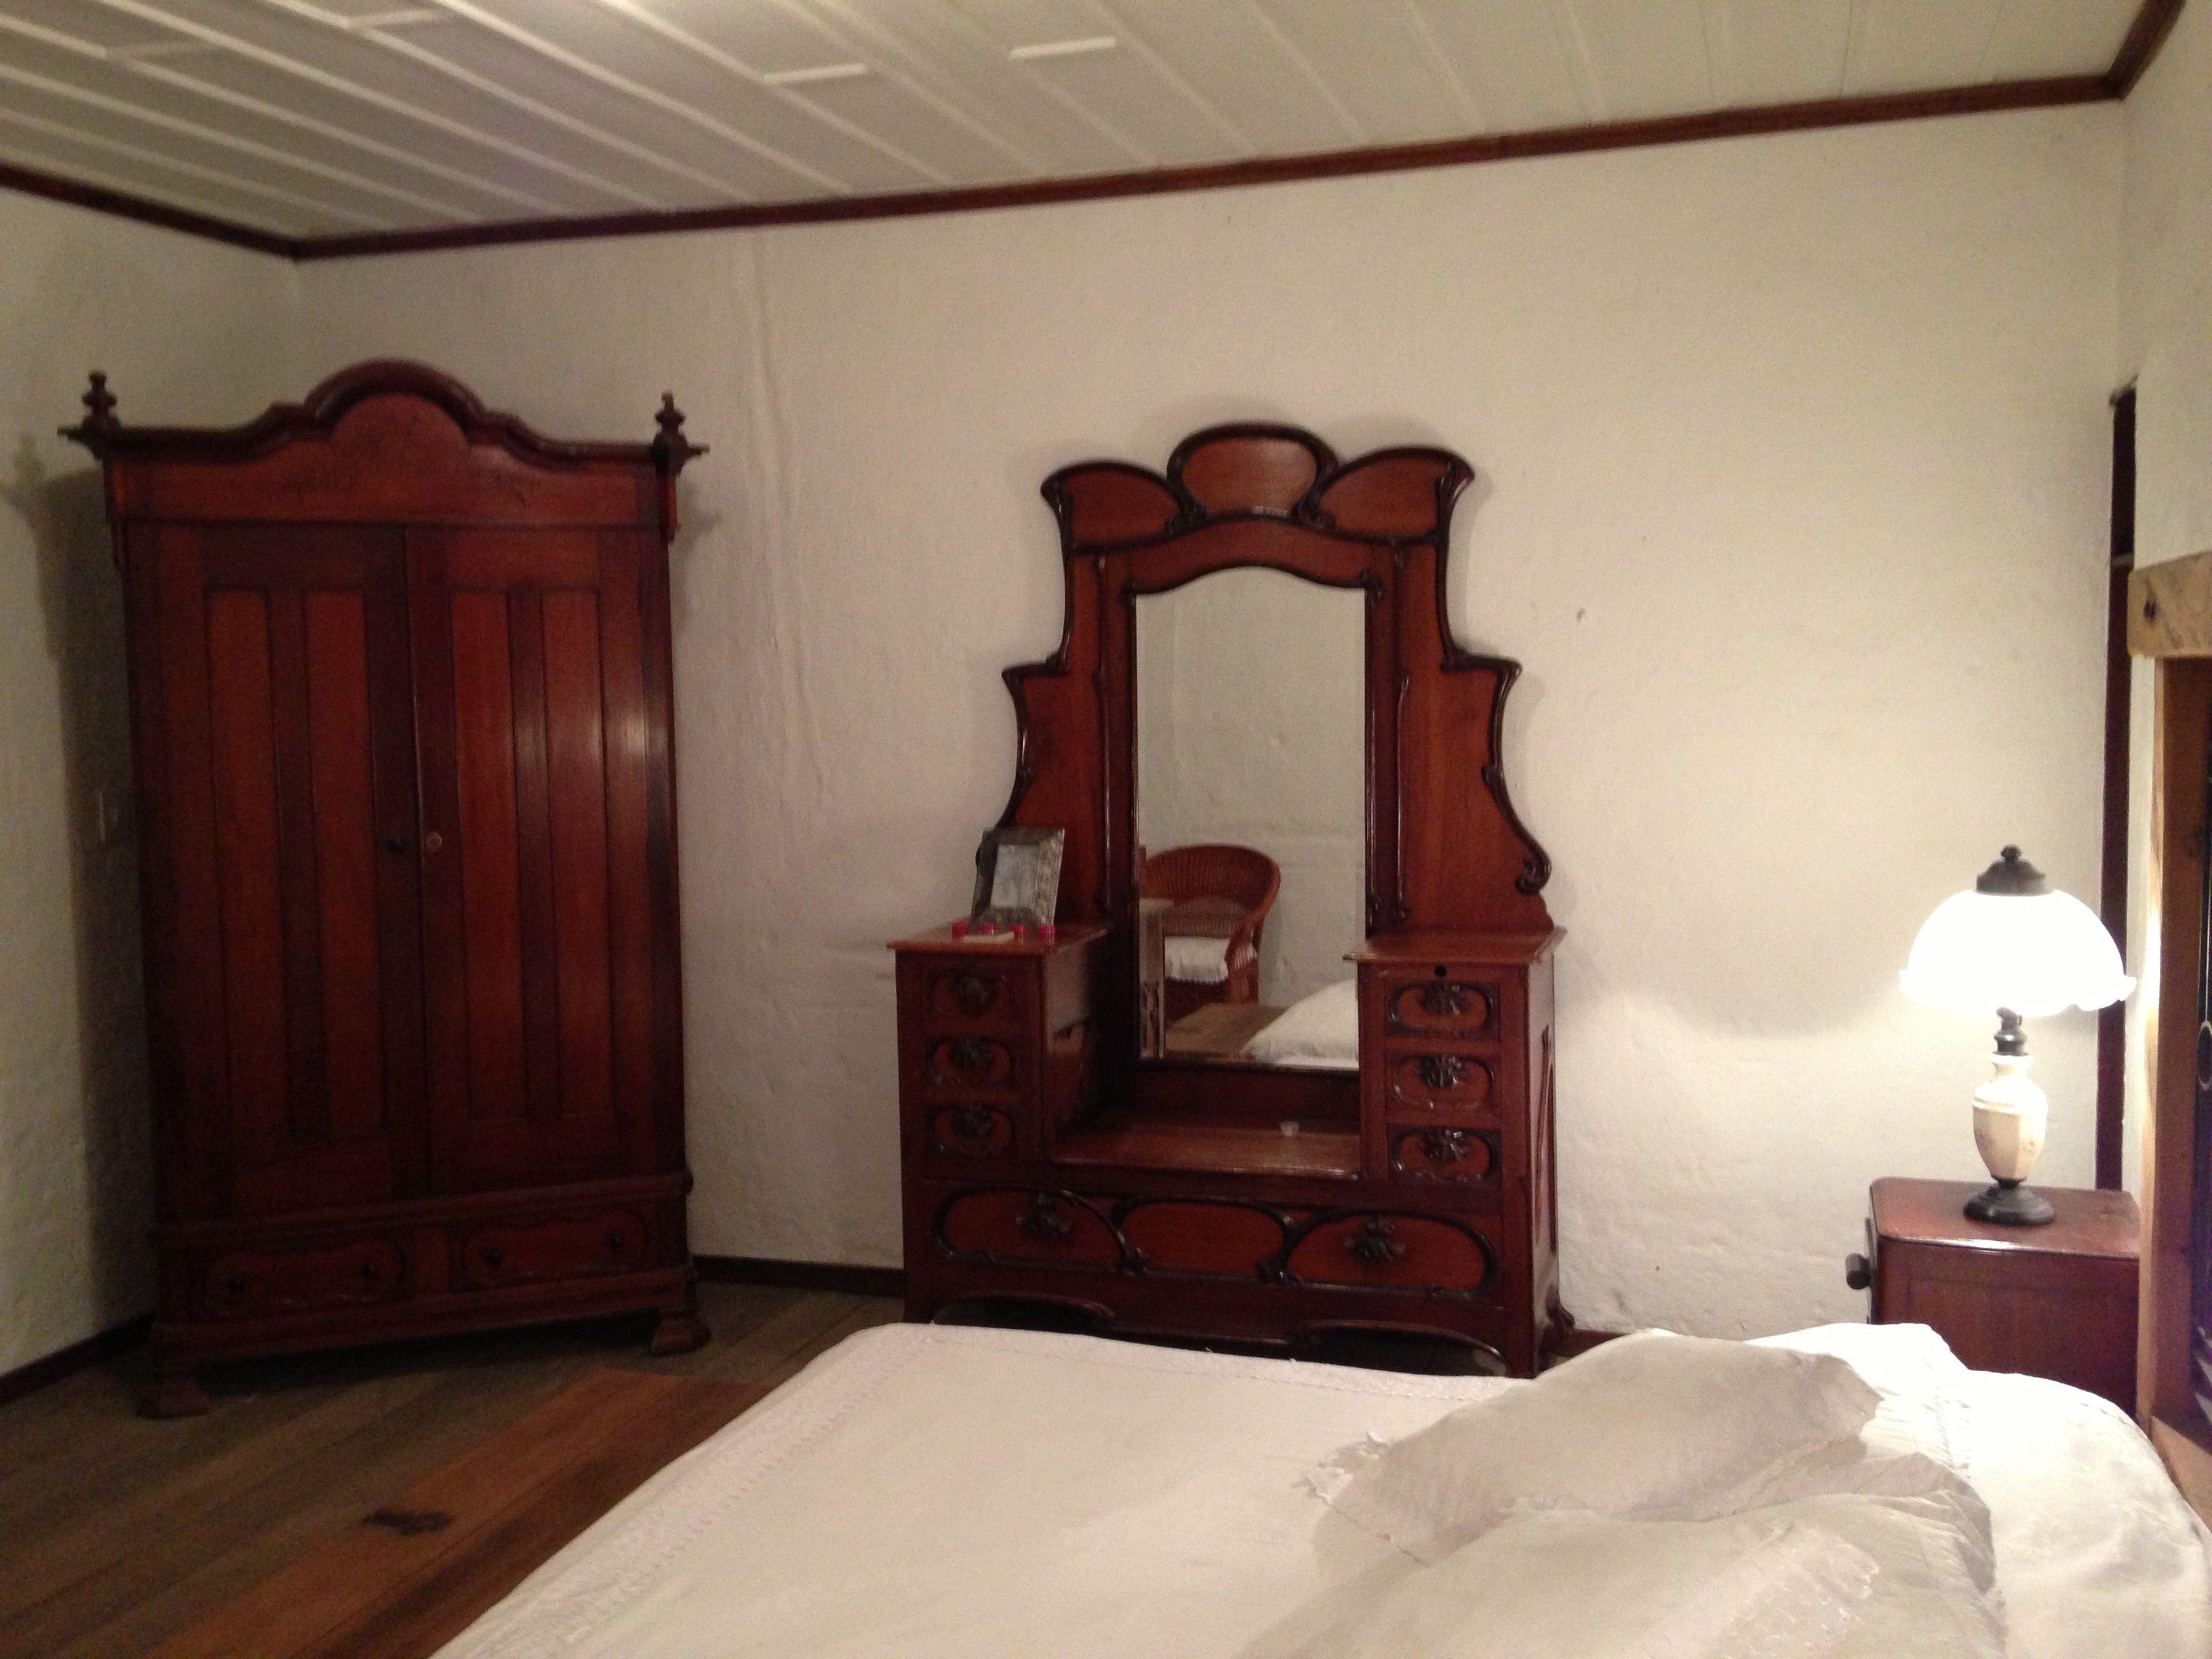 Habitacion Clasica Blanca Lenceria De Lujo Muebles Antiguos Un  # Muebles Duquesa